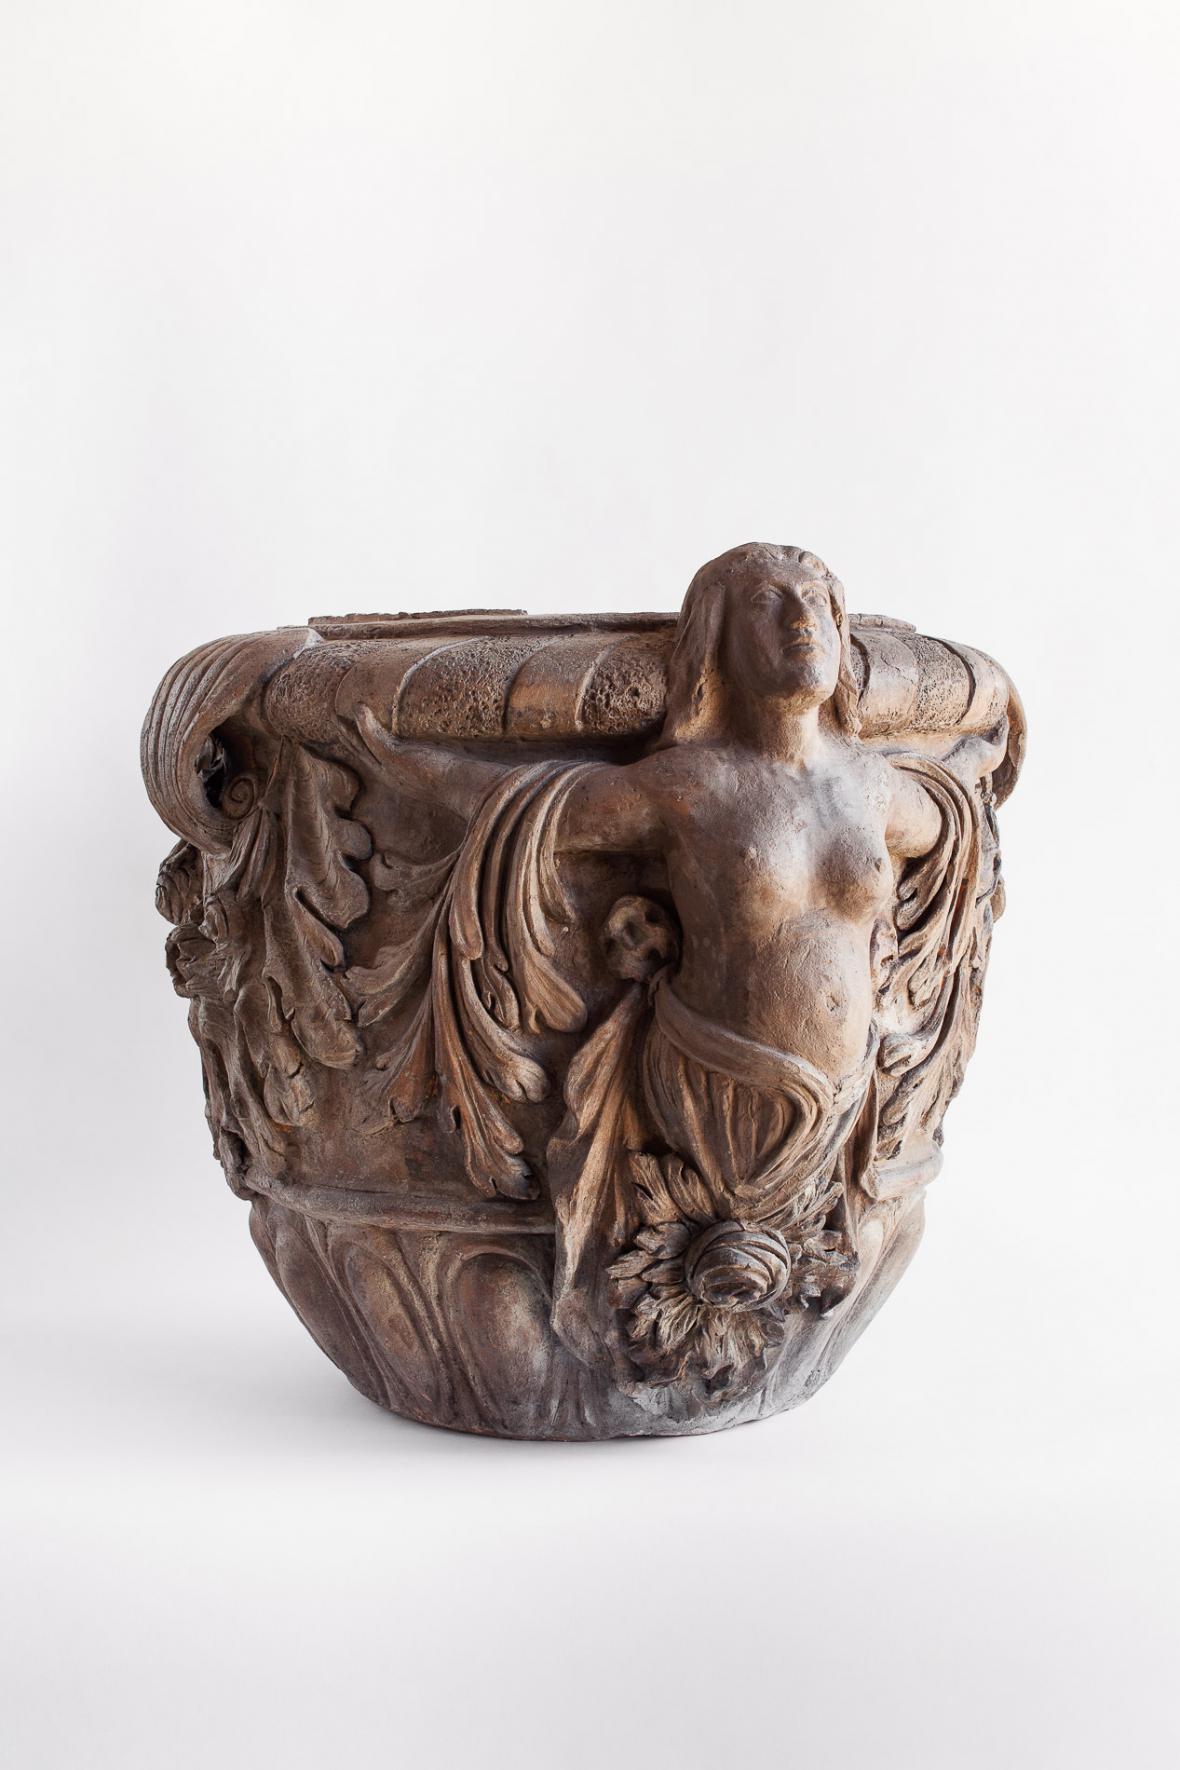 Váza s ženskými figurami